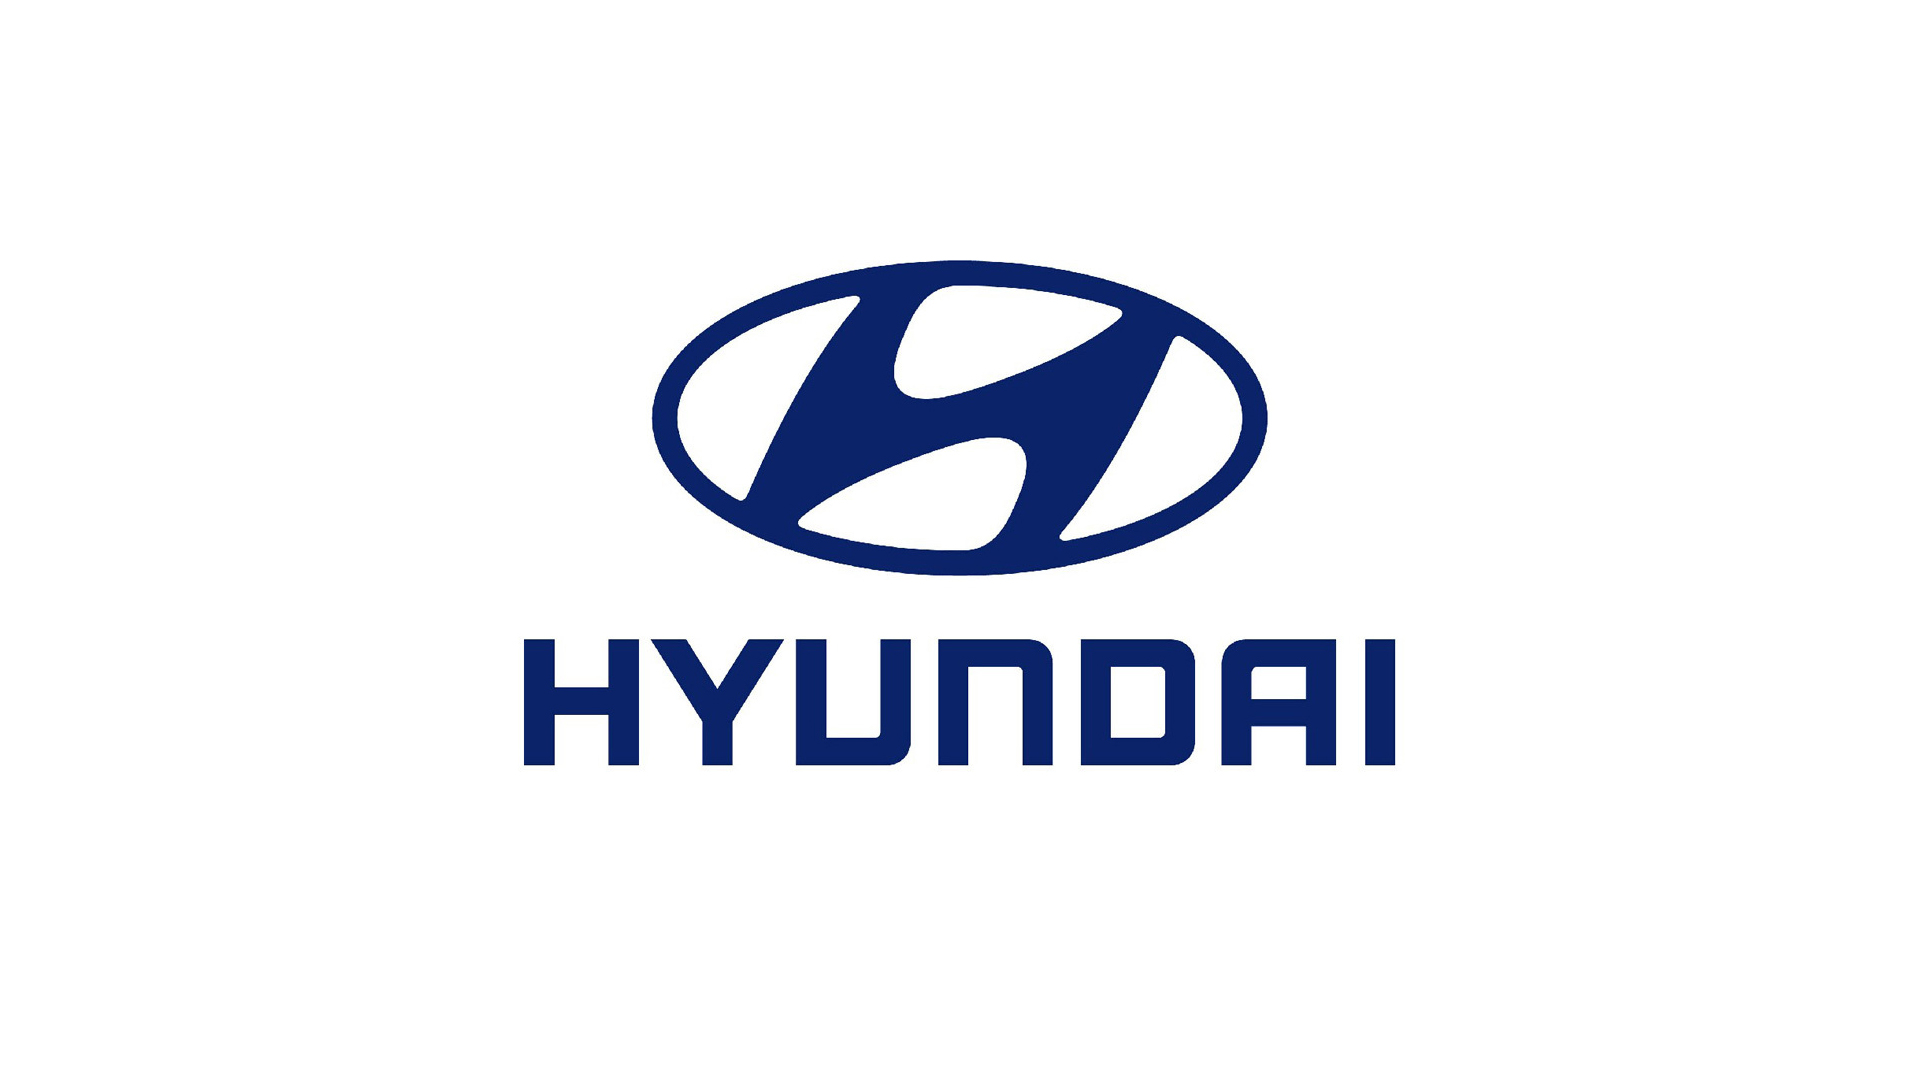 Фото инфинити логотип 6